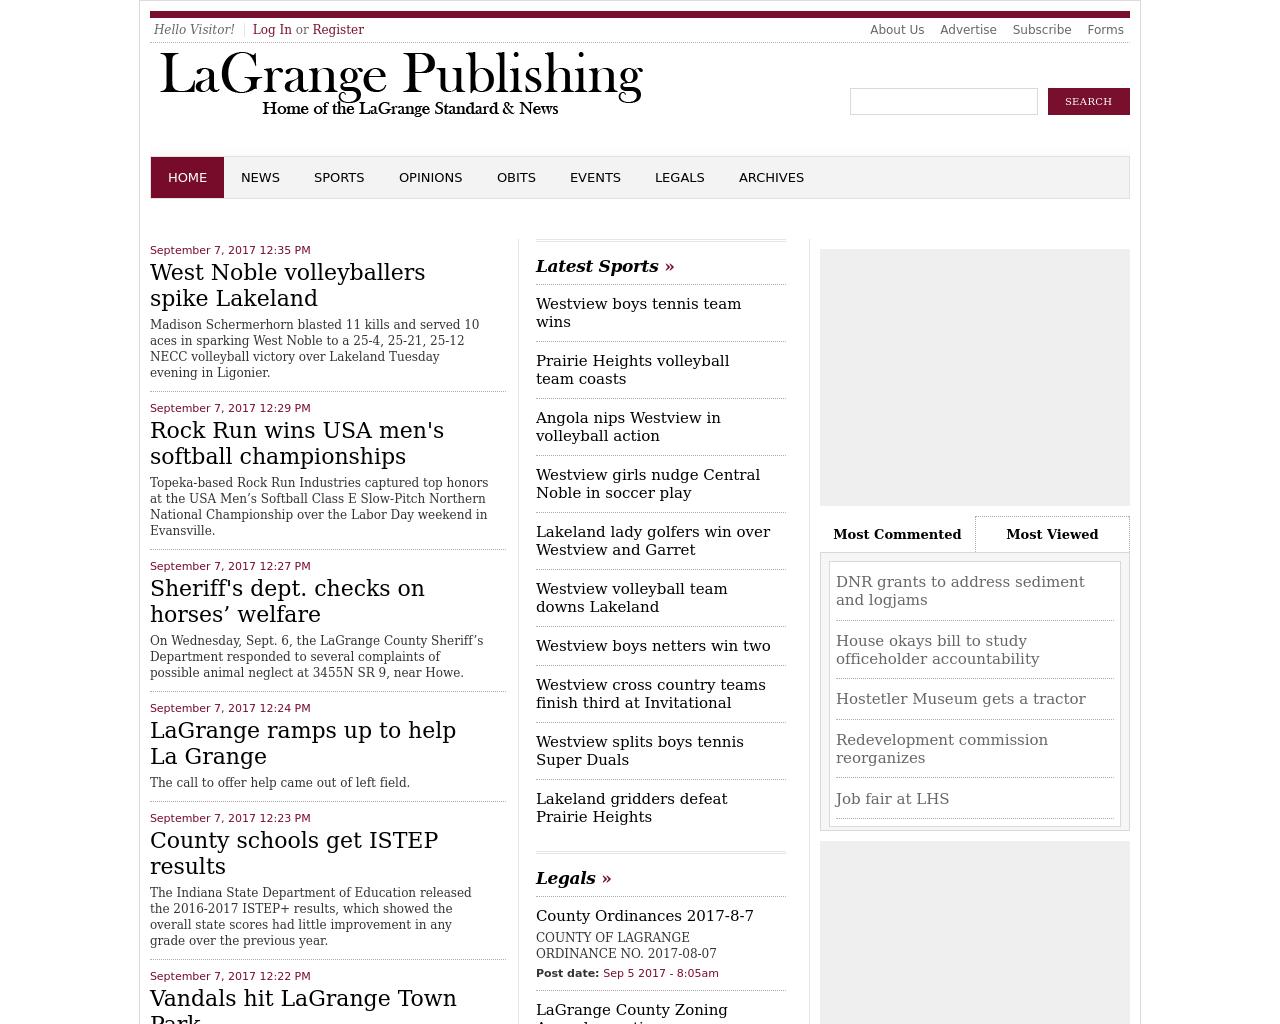 LaGrange-Publishing-Advertising-Reviews-Pricing